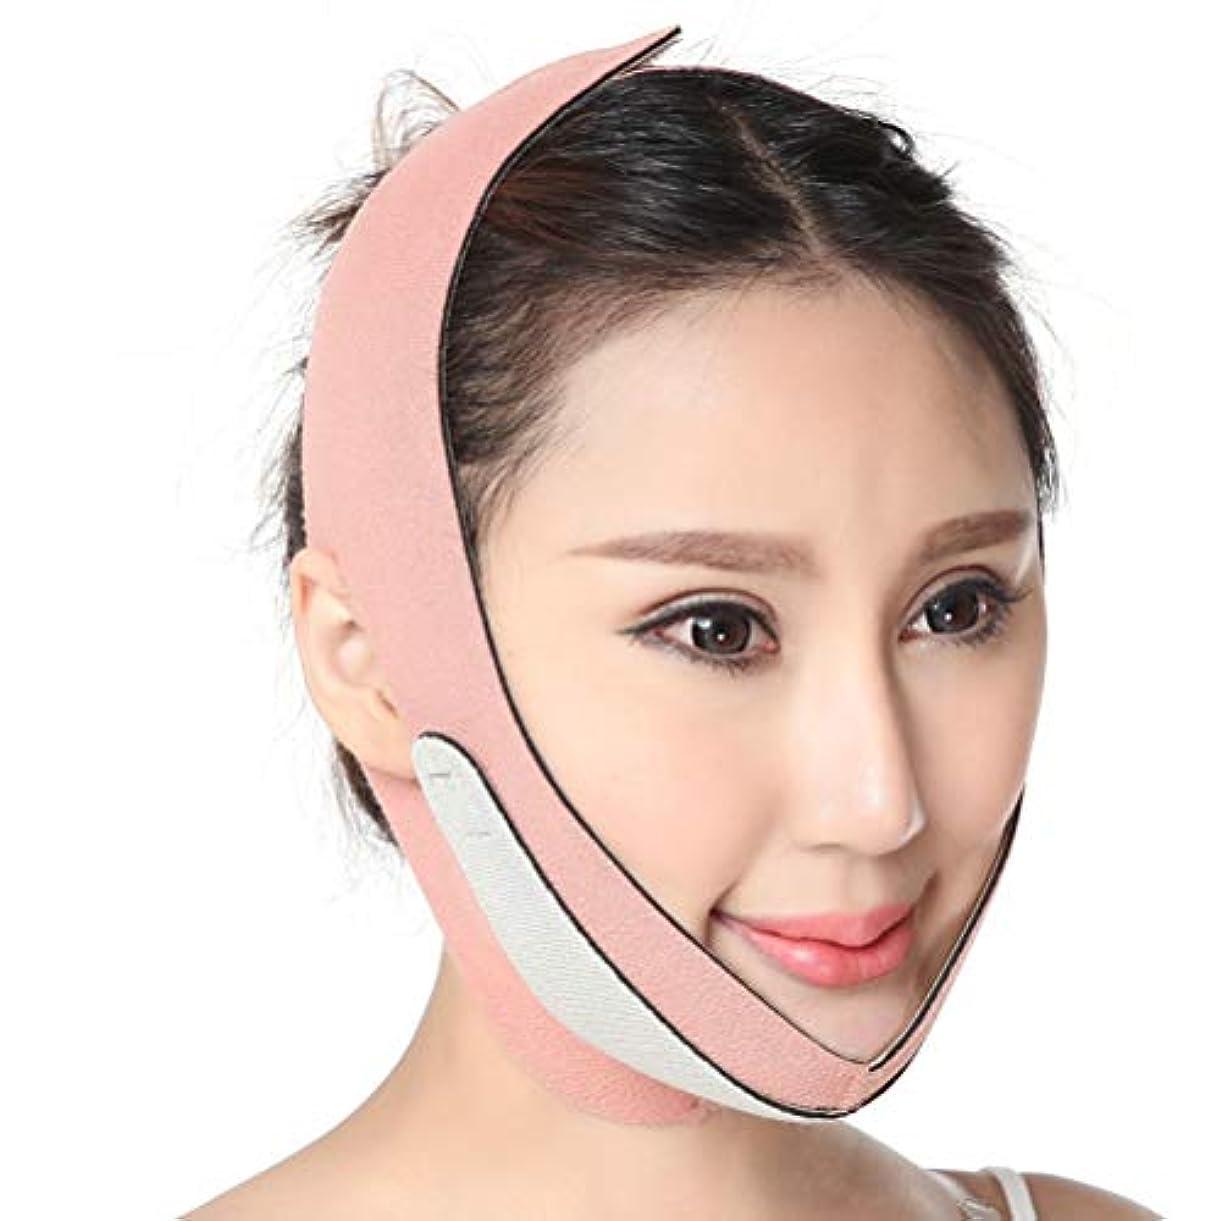 処理する反響する段落Healifty フェイスリフティングマスクアーティファクトスモールVラインフェイスバンデージシンメッセンジャーマッスルチンストラップ(ピンク)